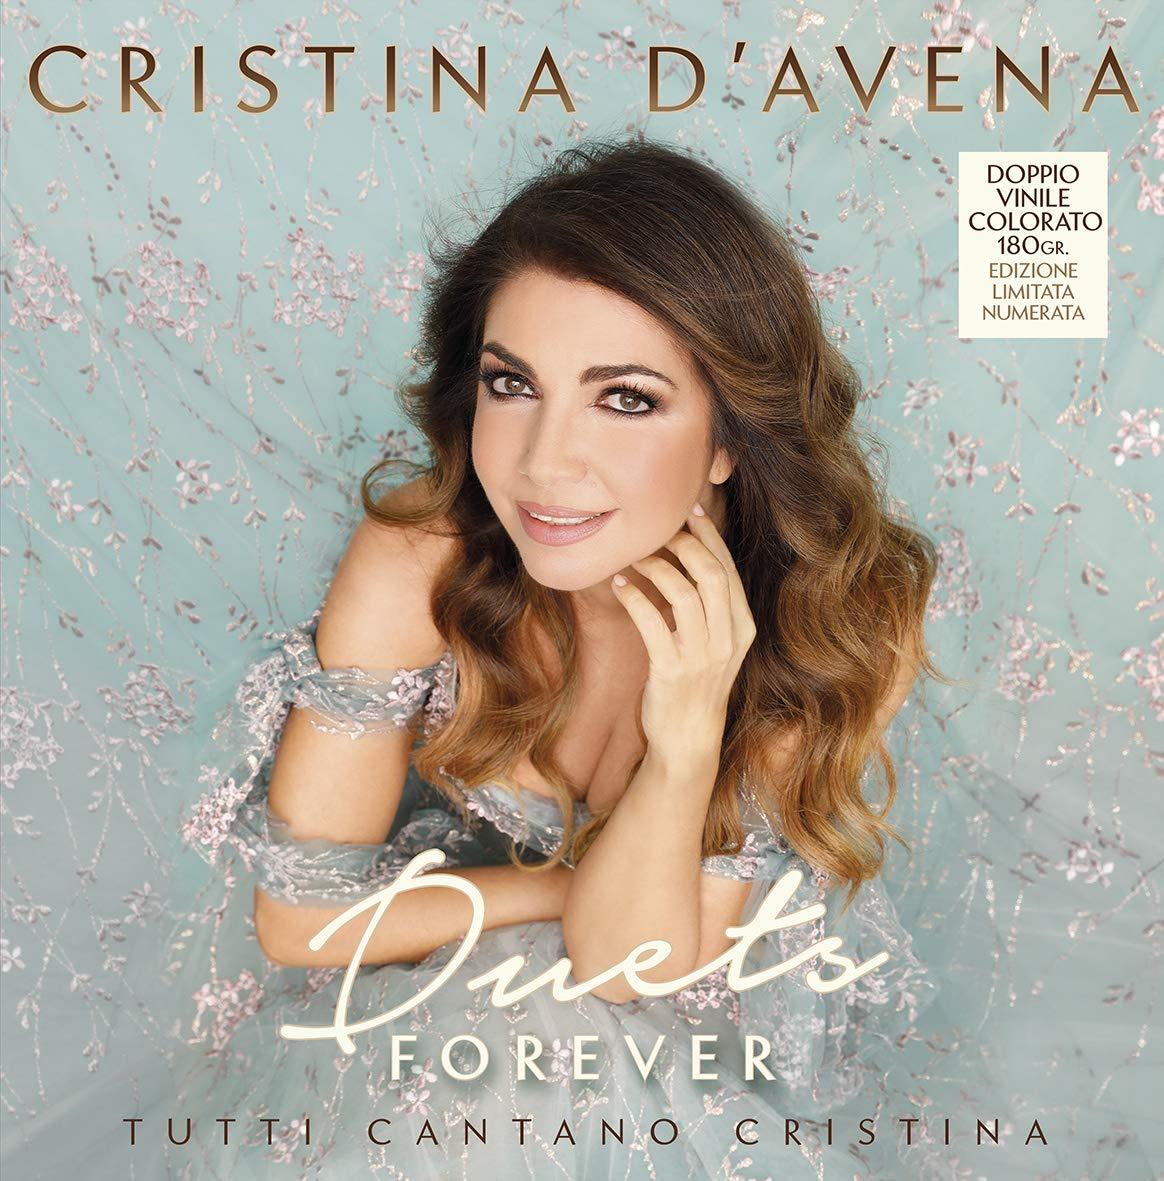 Vinilo : Cristina D'Avena - Duets Forever: Tutti Cantano Cristina (Italy - Import)